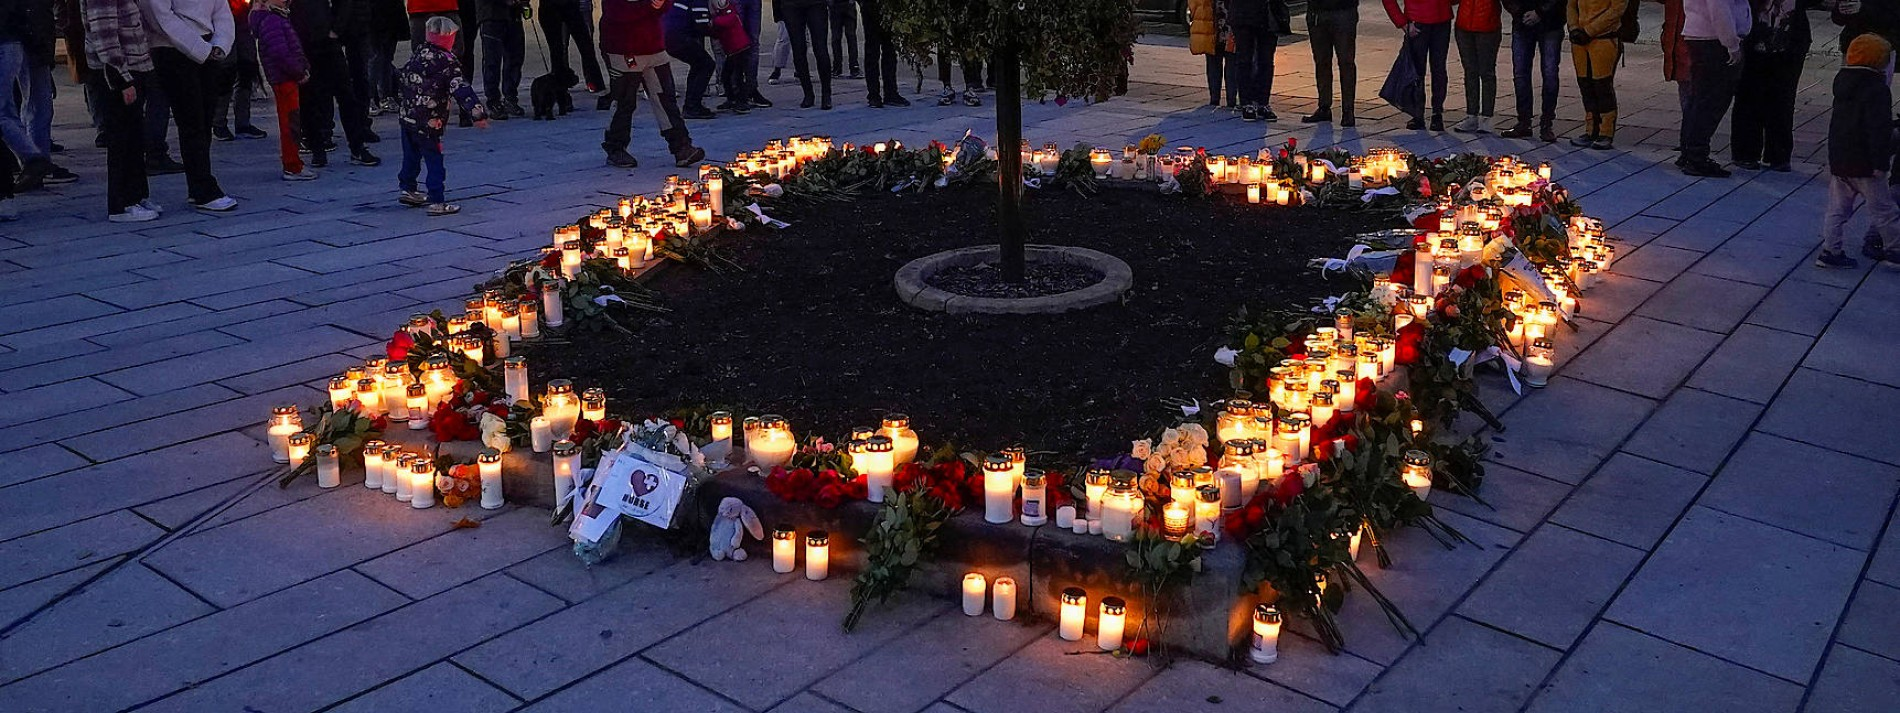 Stadt gedenkt der Opfer